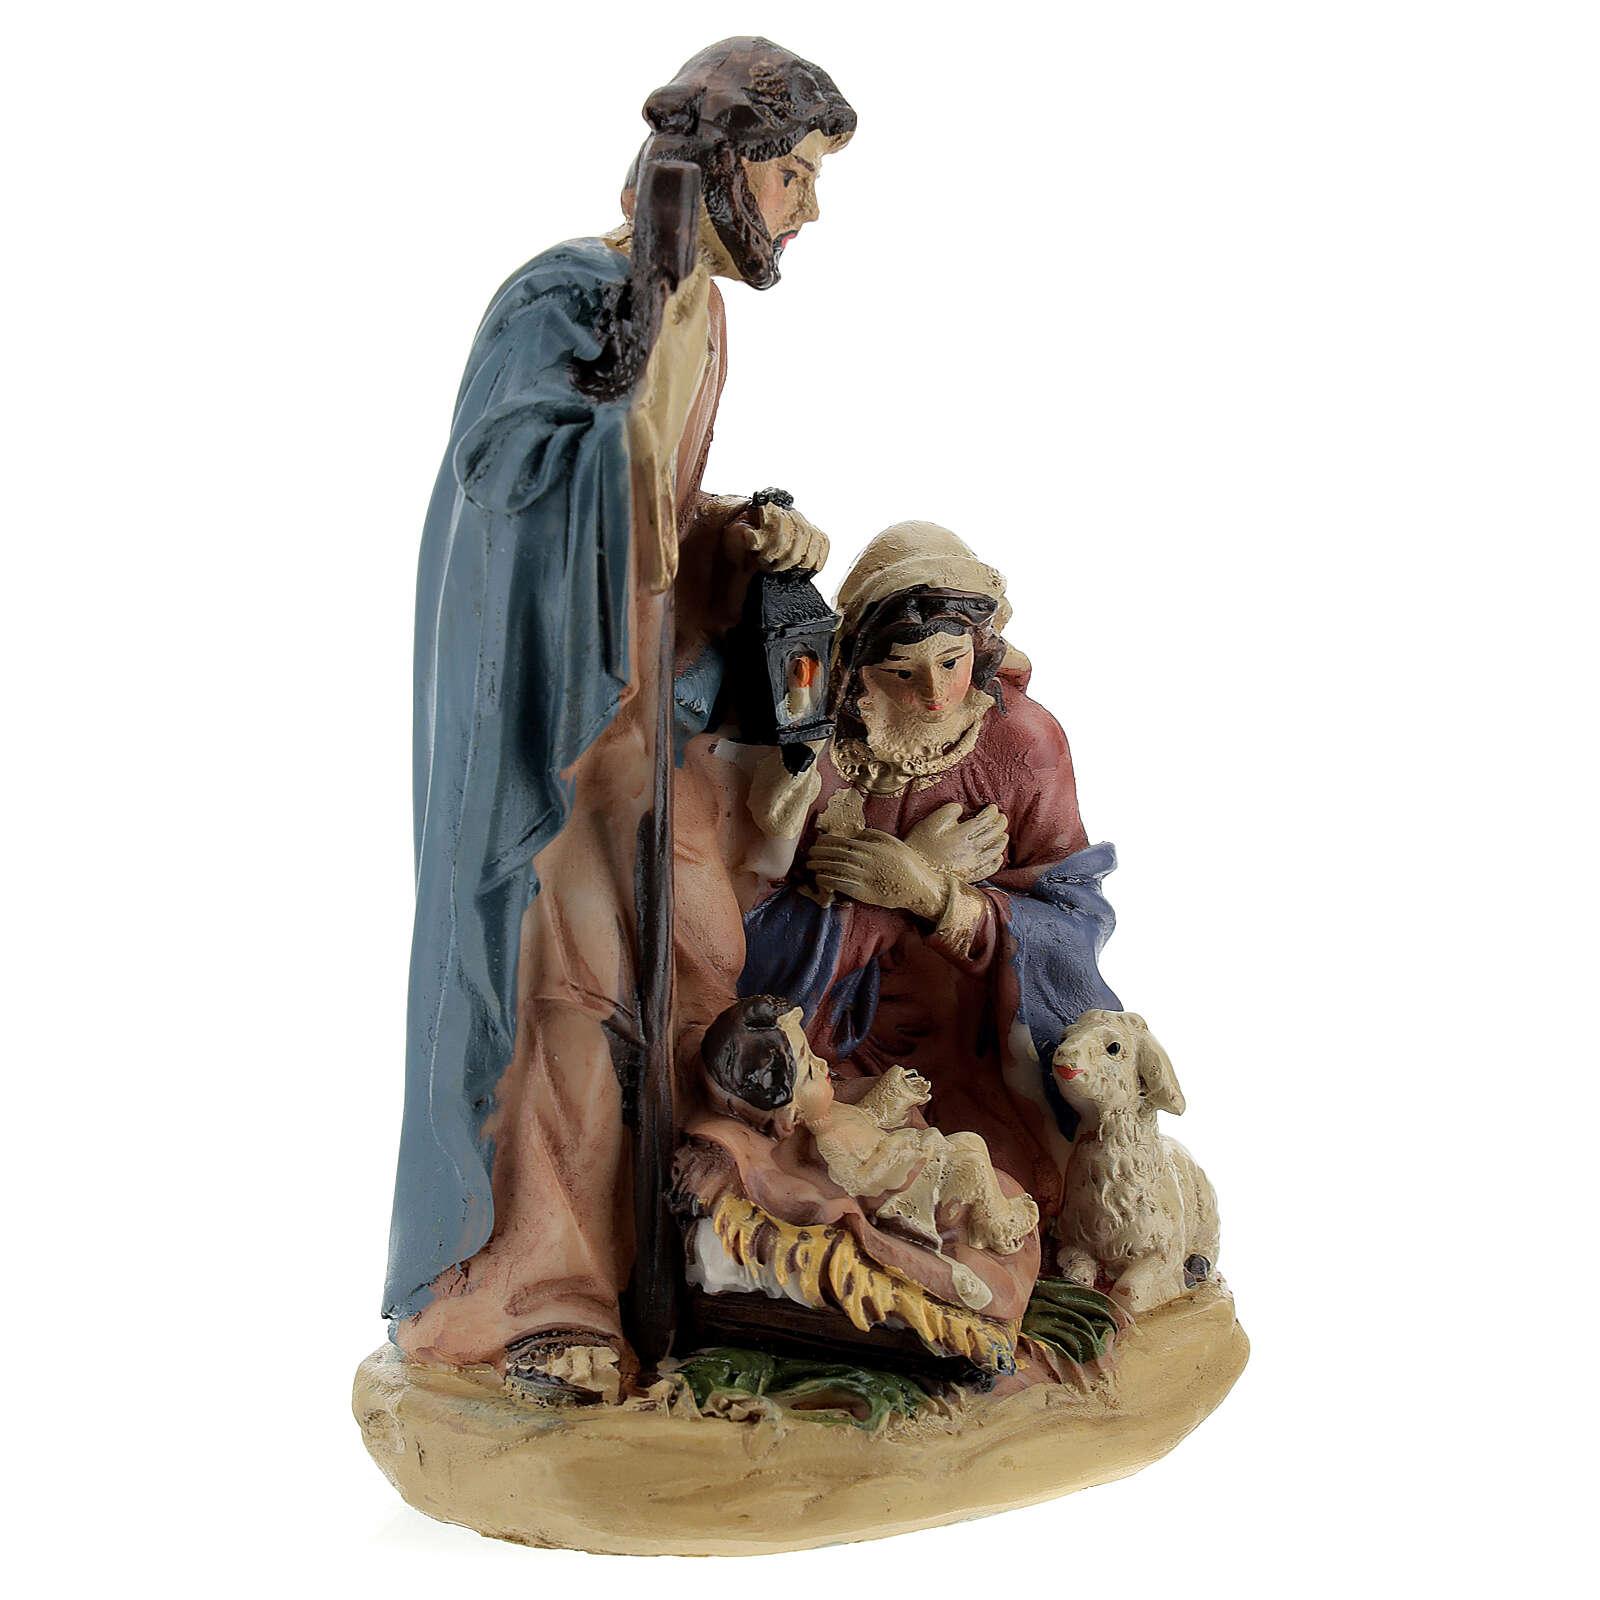 Nativity in coloured resin Nativity scene 12 cm - 4 subjects 3